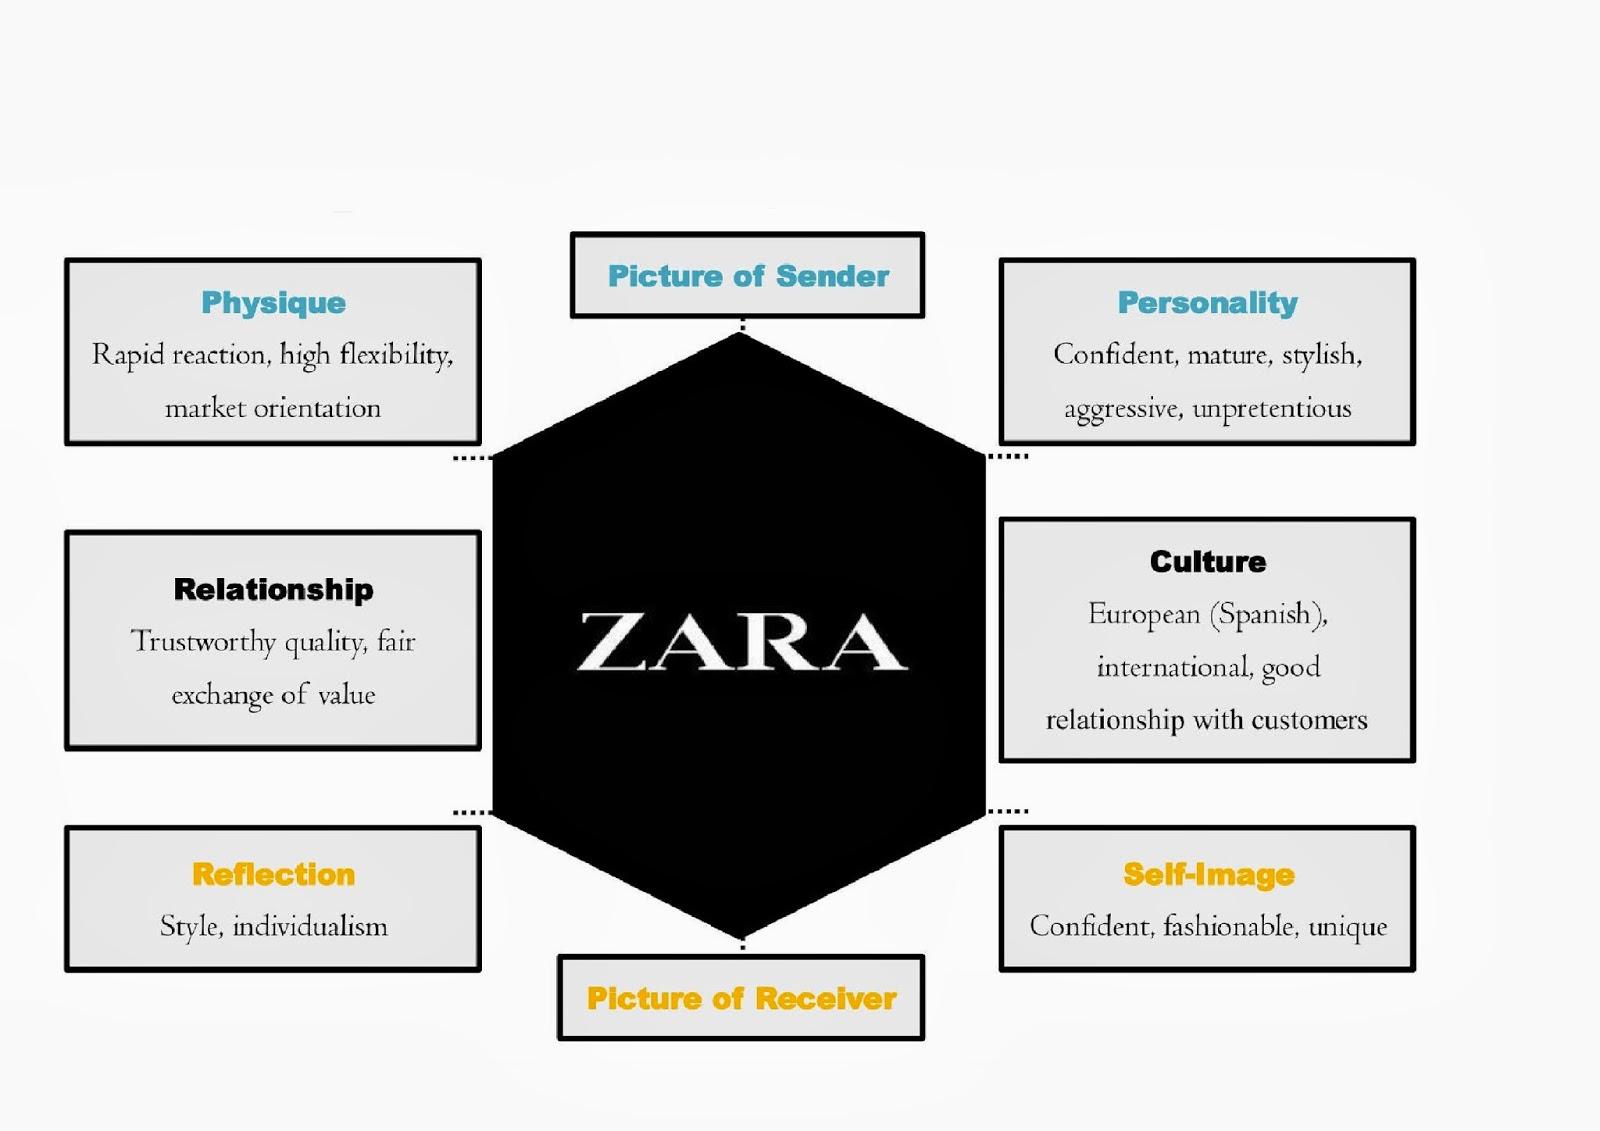 Pest Analysis Of Zara Zara Swot Analysis Zara Documents Marketing